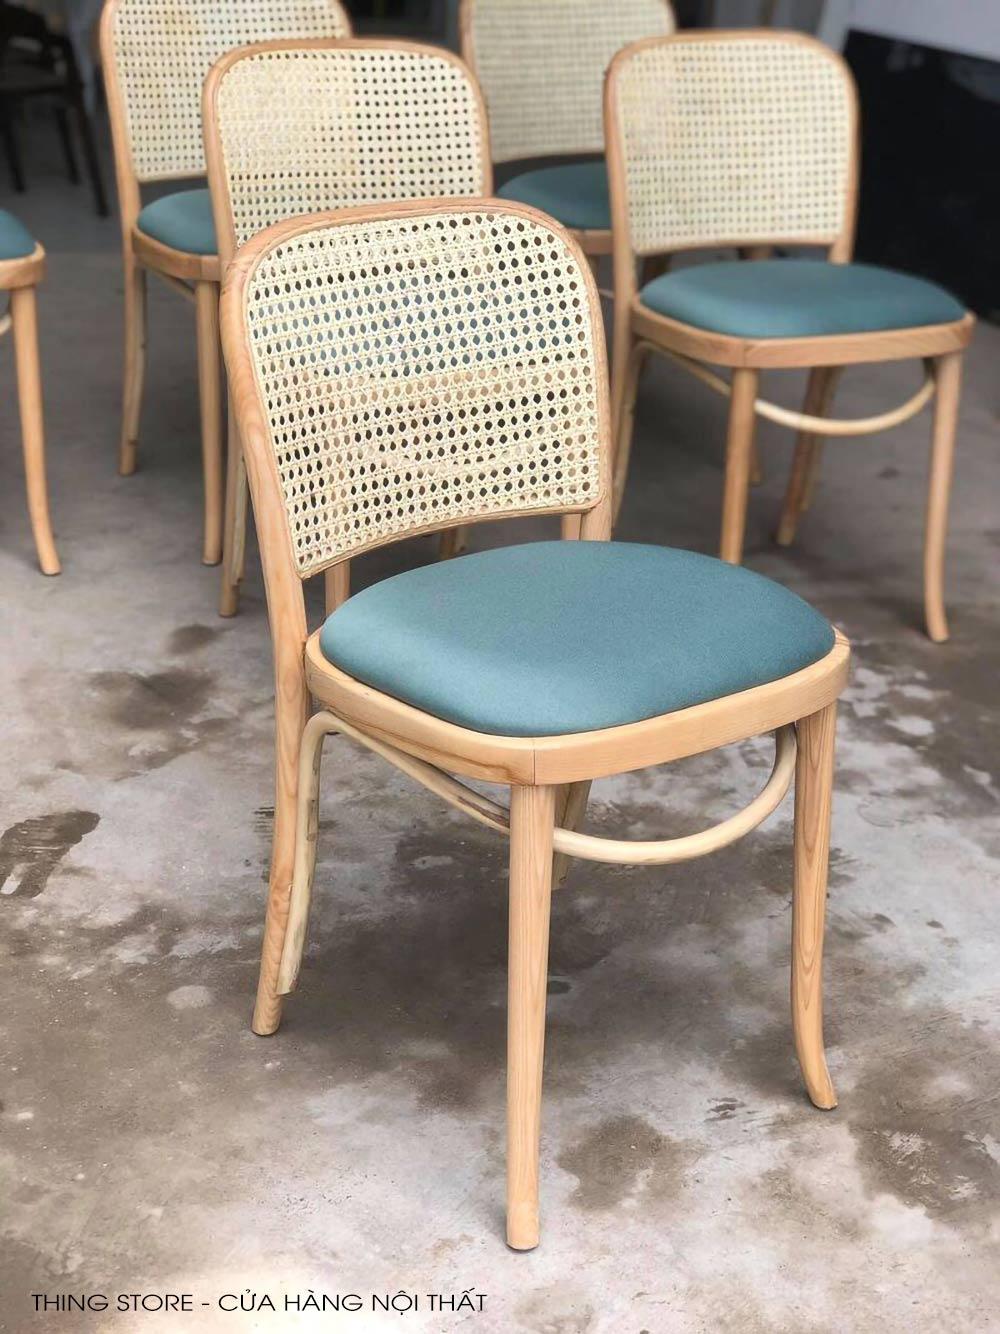 thonet 811 chair in da nang